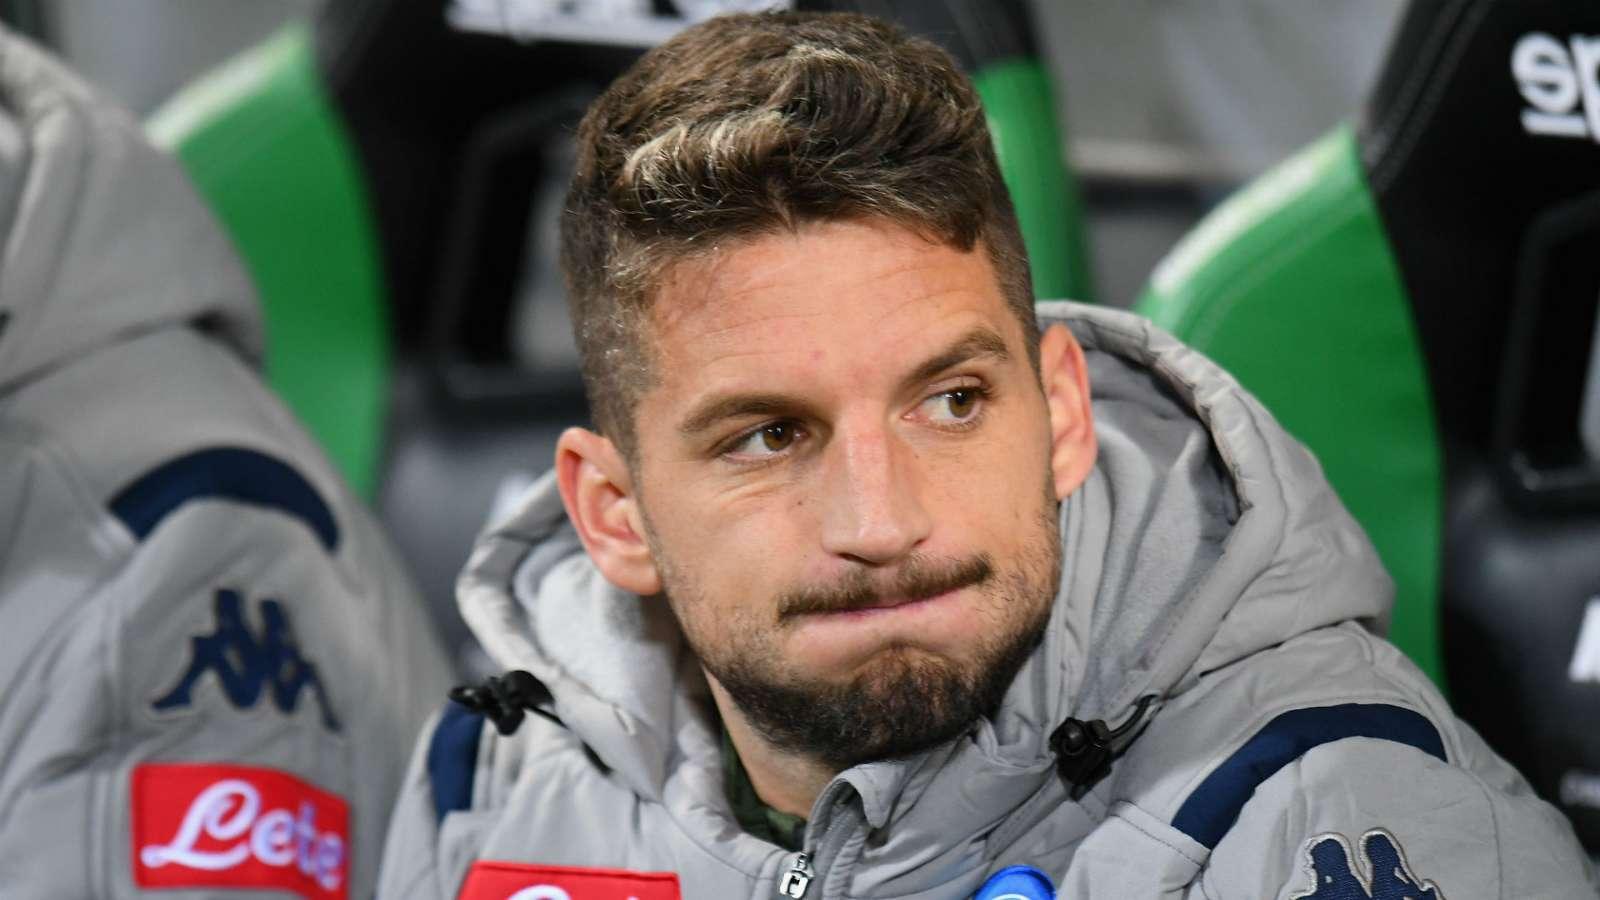 跟队记者:若日尼奥可能成说客,邀请默滕斯加盟切尔西